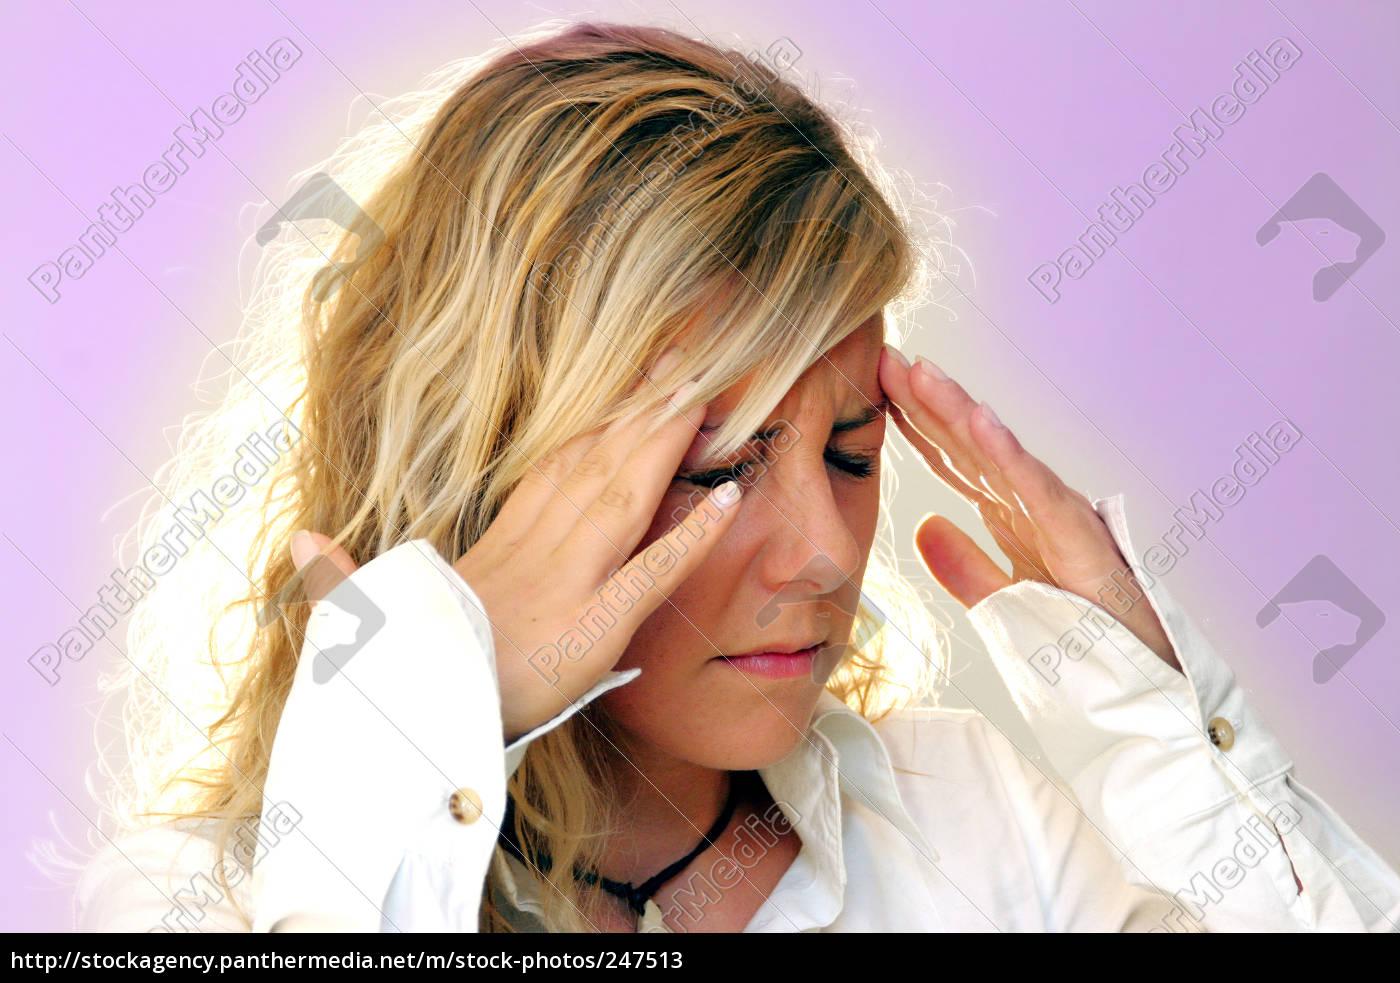 headache, 2 - 247513